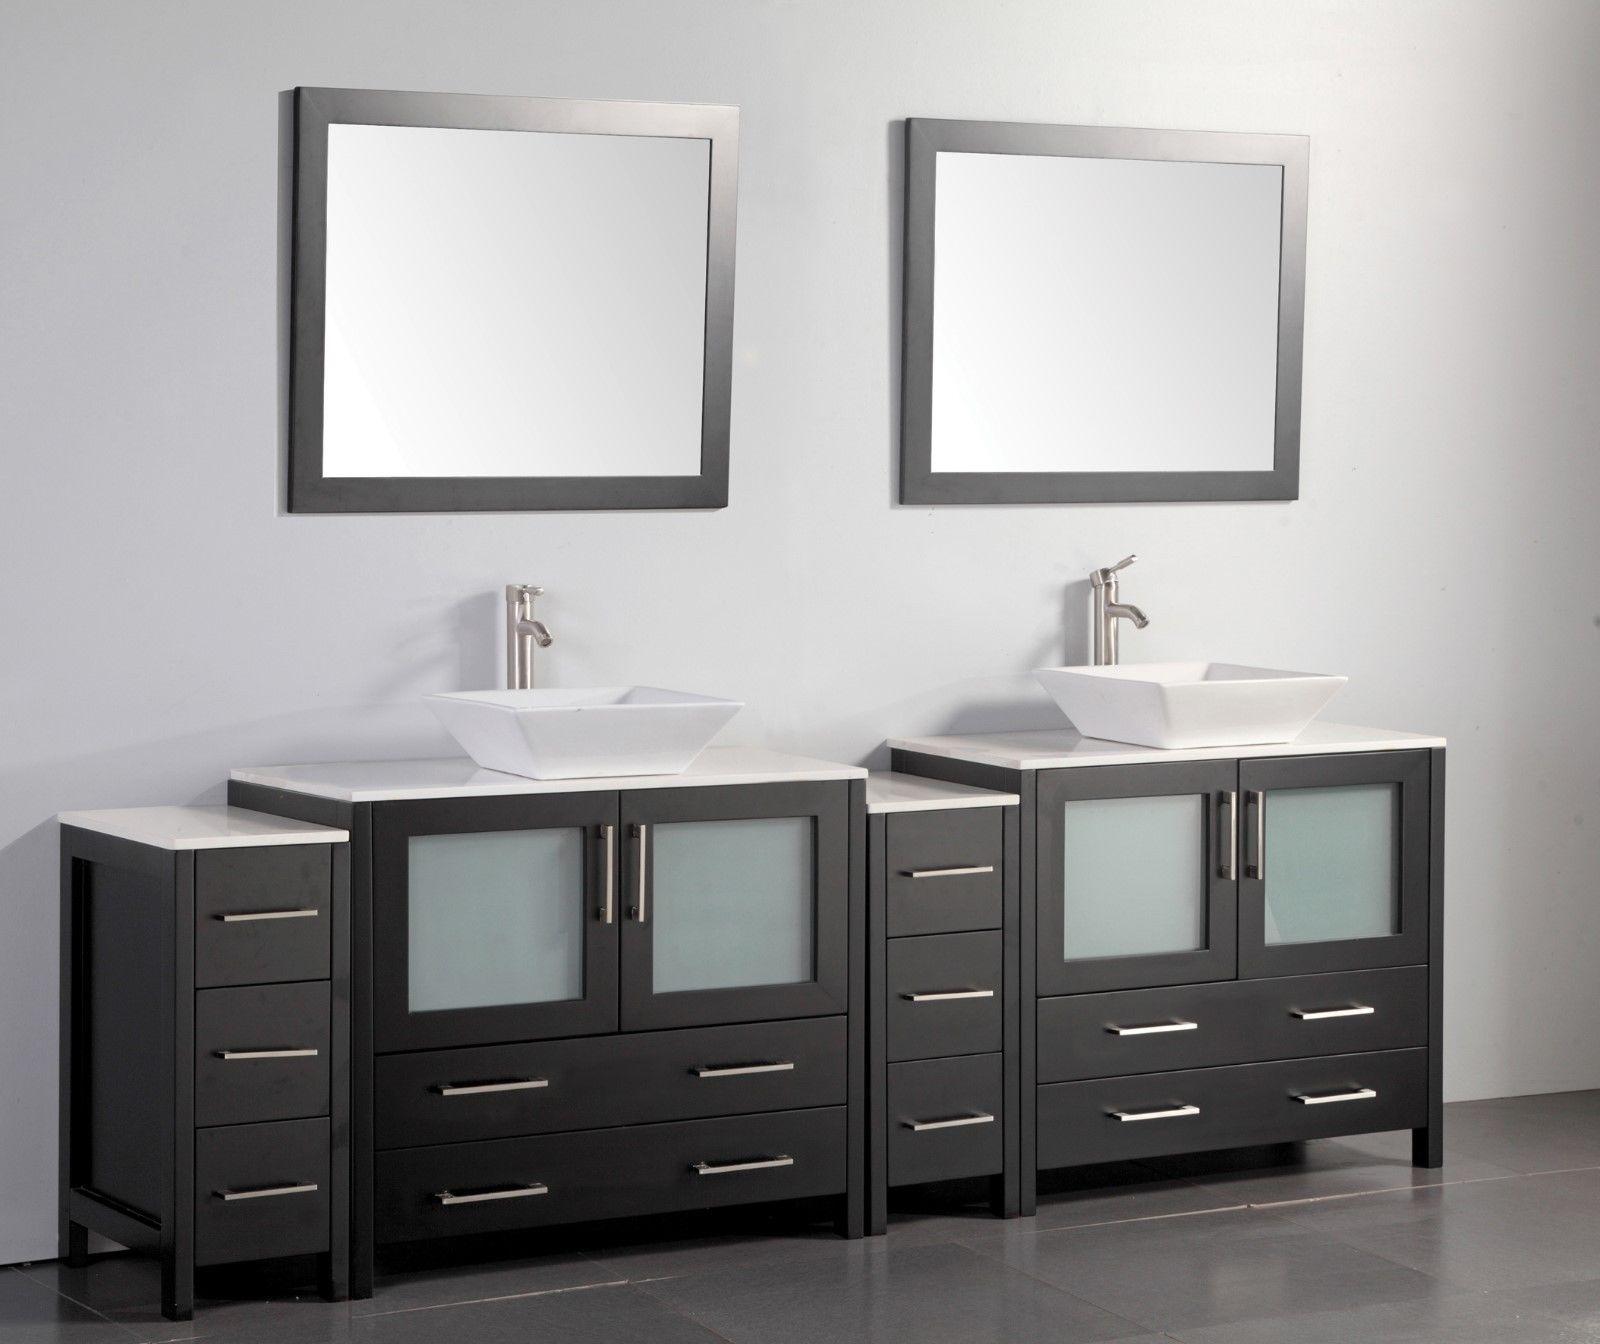 96 Bathroom Vanity Bosconi 96 Modern Sink Bathroom Vanity Ab230u3s At Discountbathroomvanities